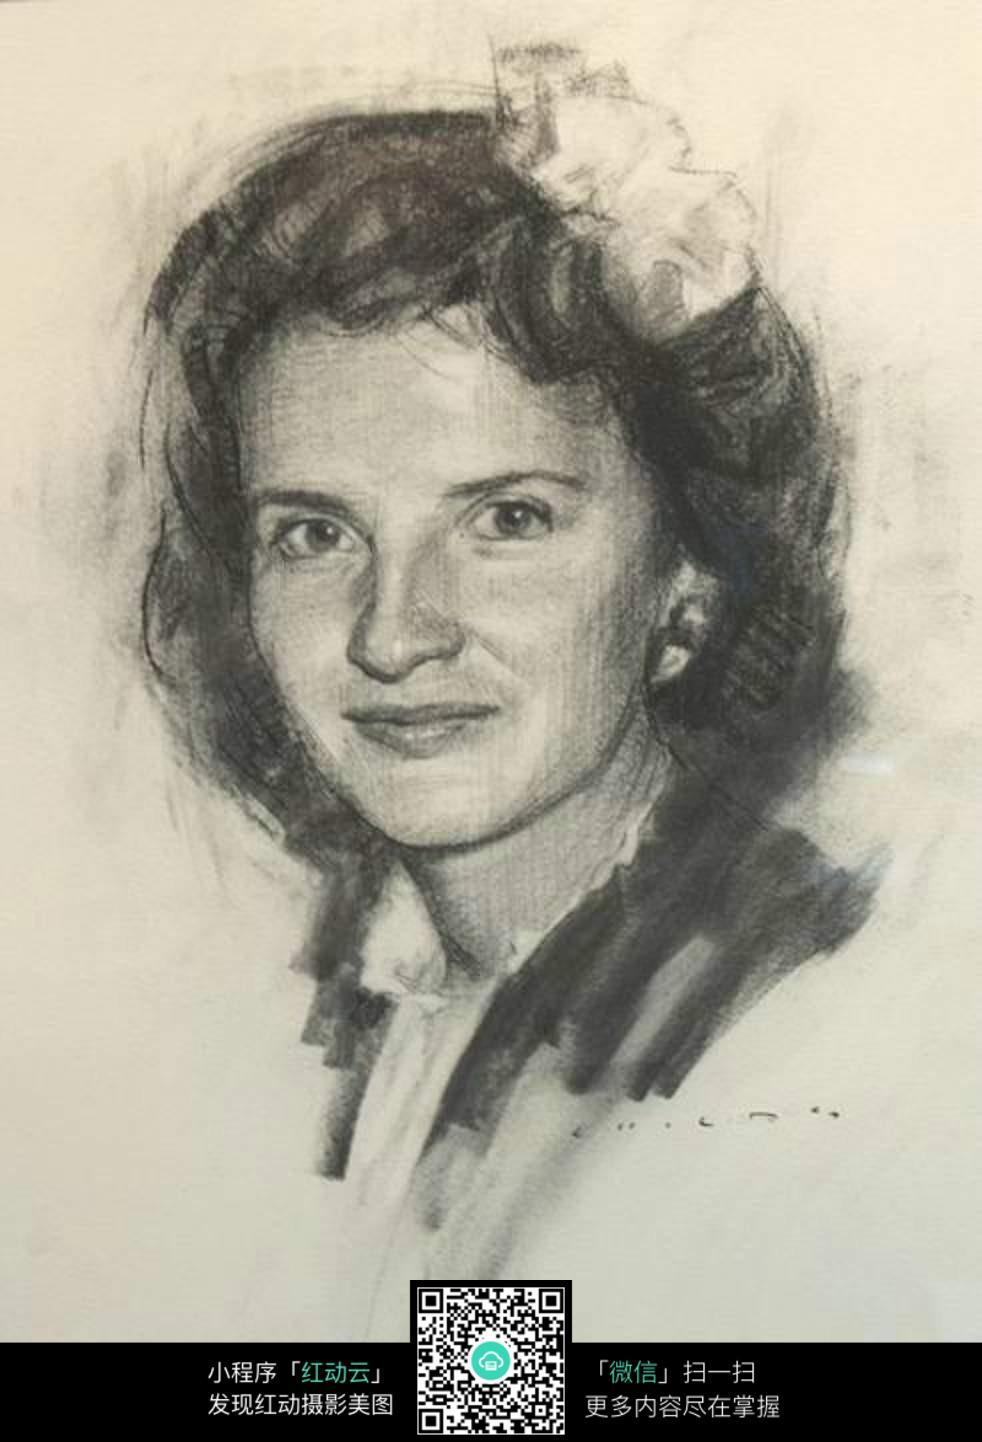 头花的漂亮女性素描图像 书画文字图片图片